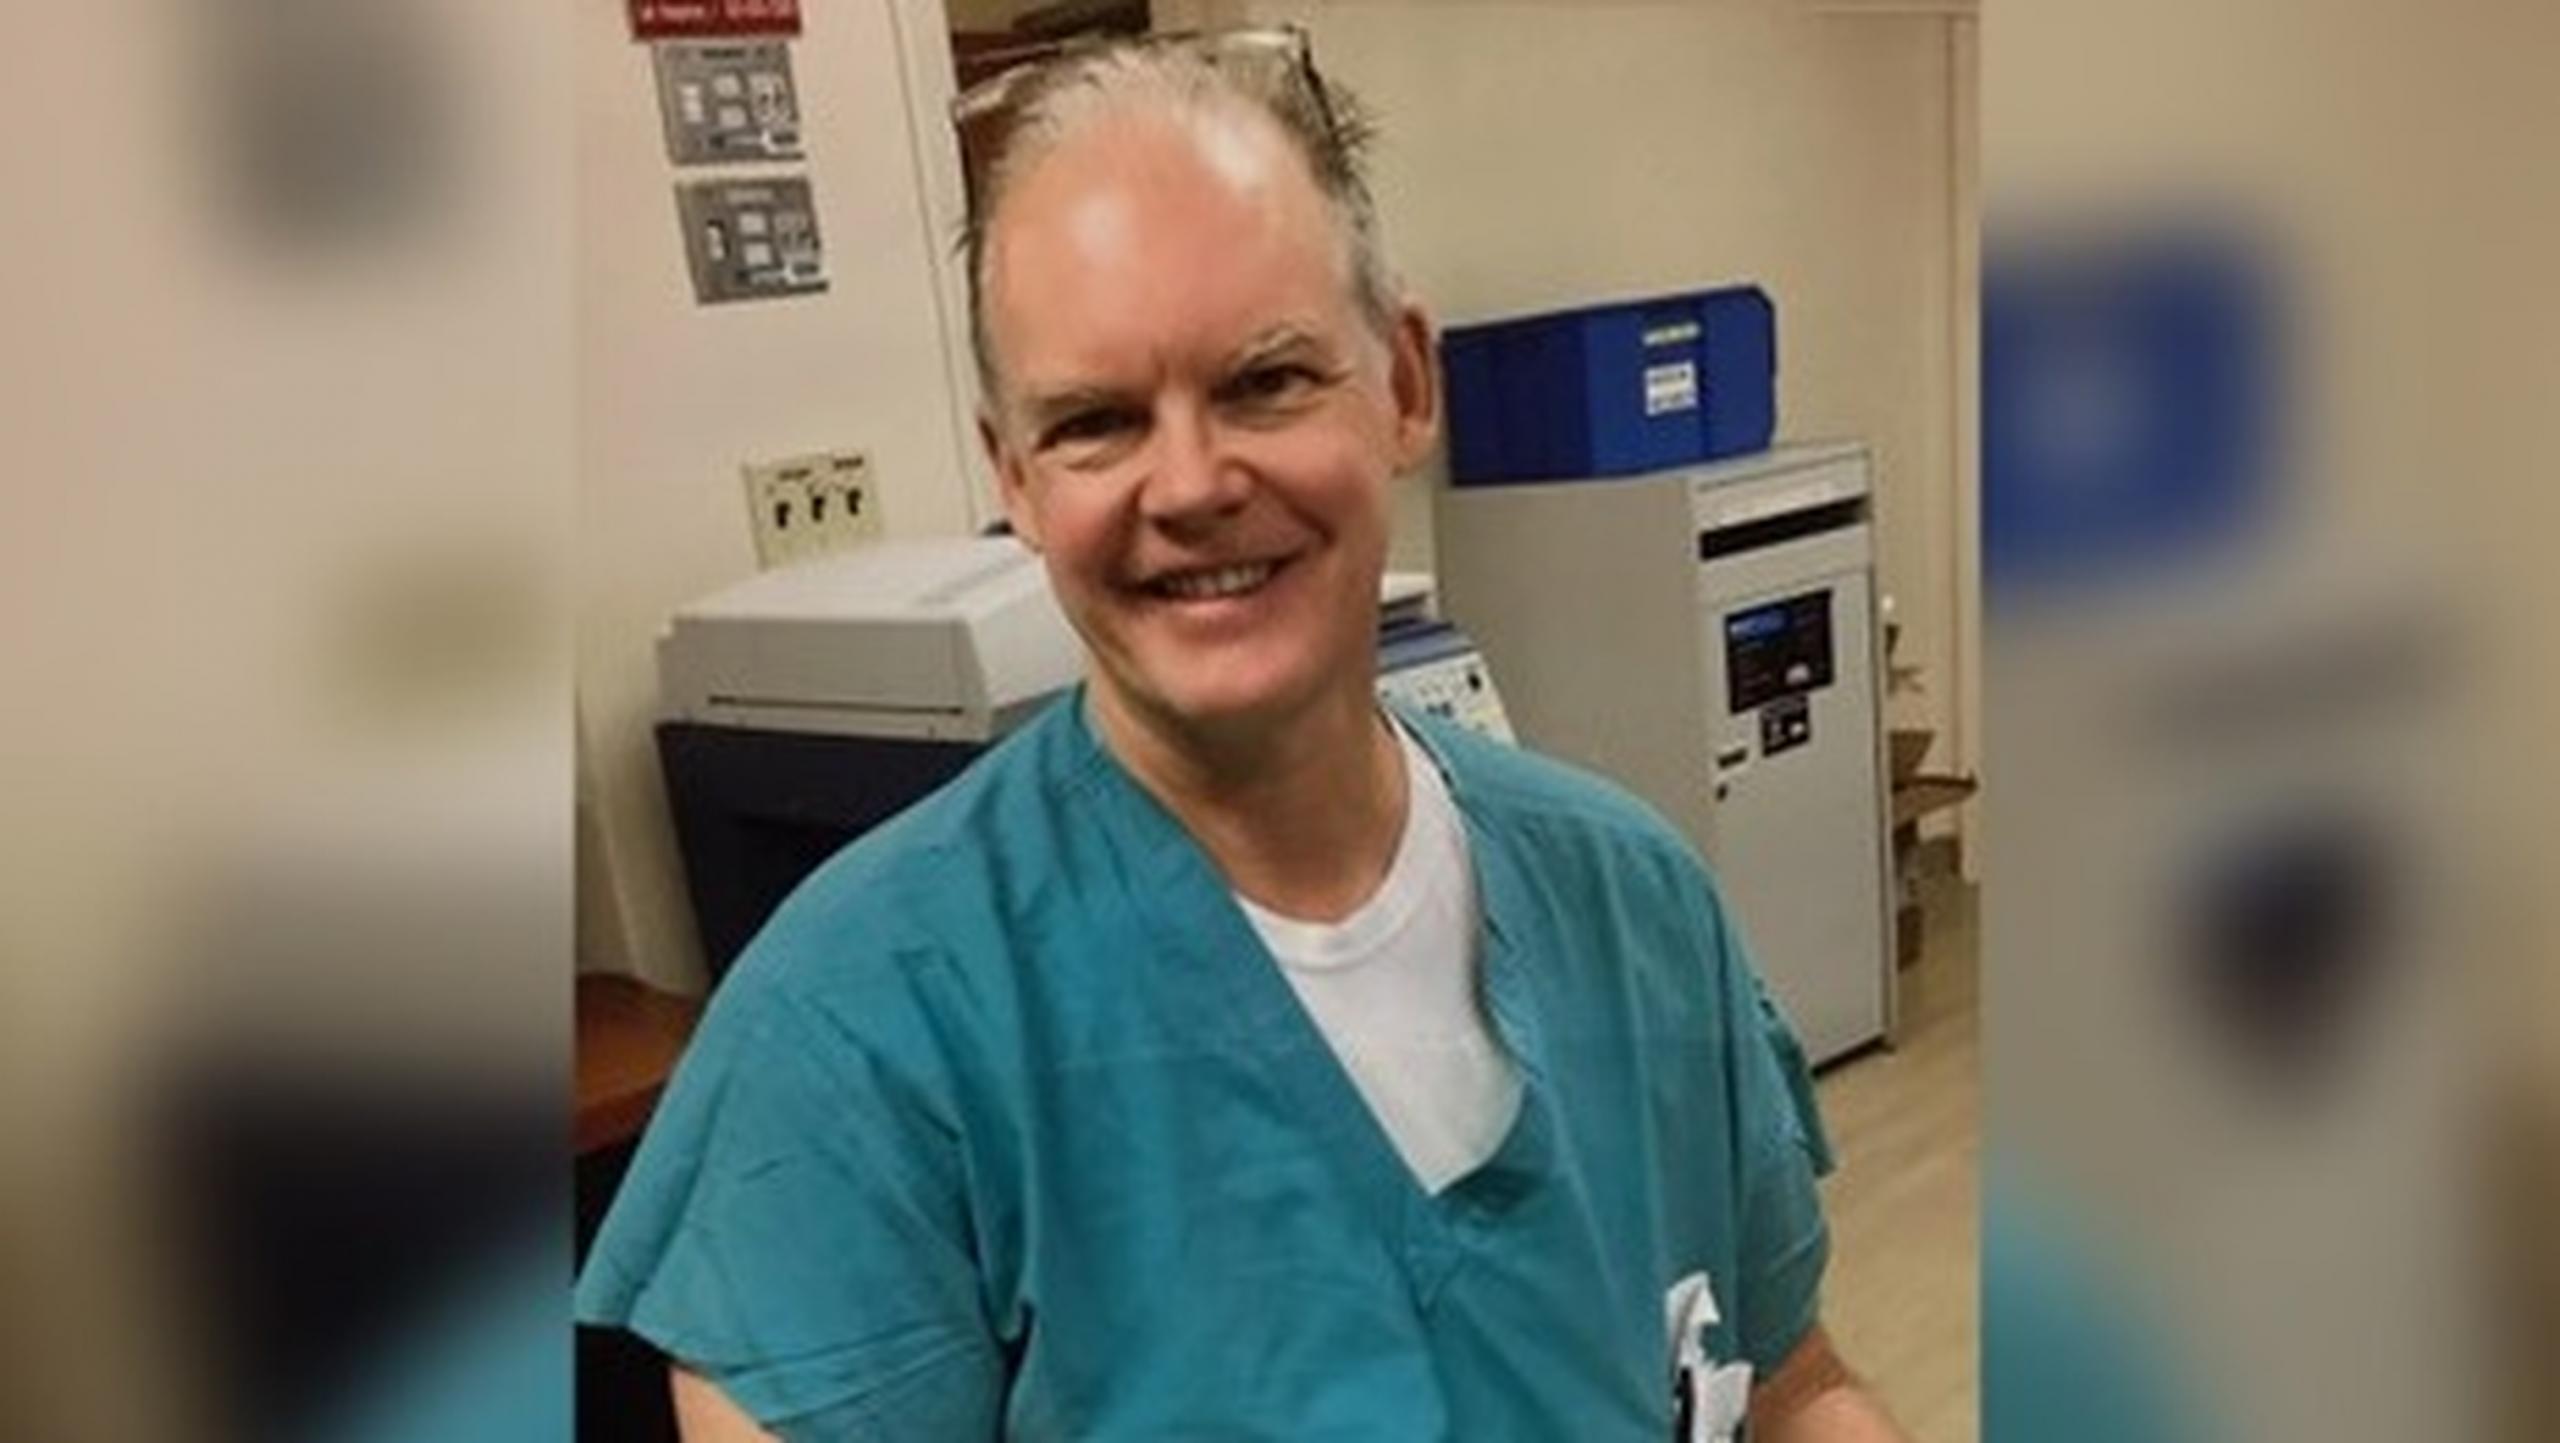 Povestea unui medic decedat în urma vaccinării anti-Covid, cea mai vizionată postare de pe Facebook. Compania ascunde raportul